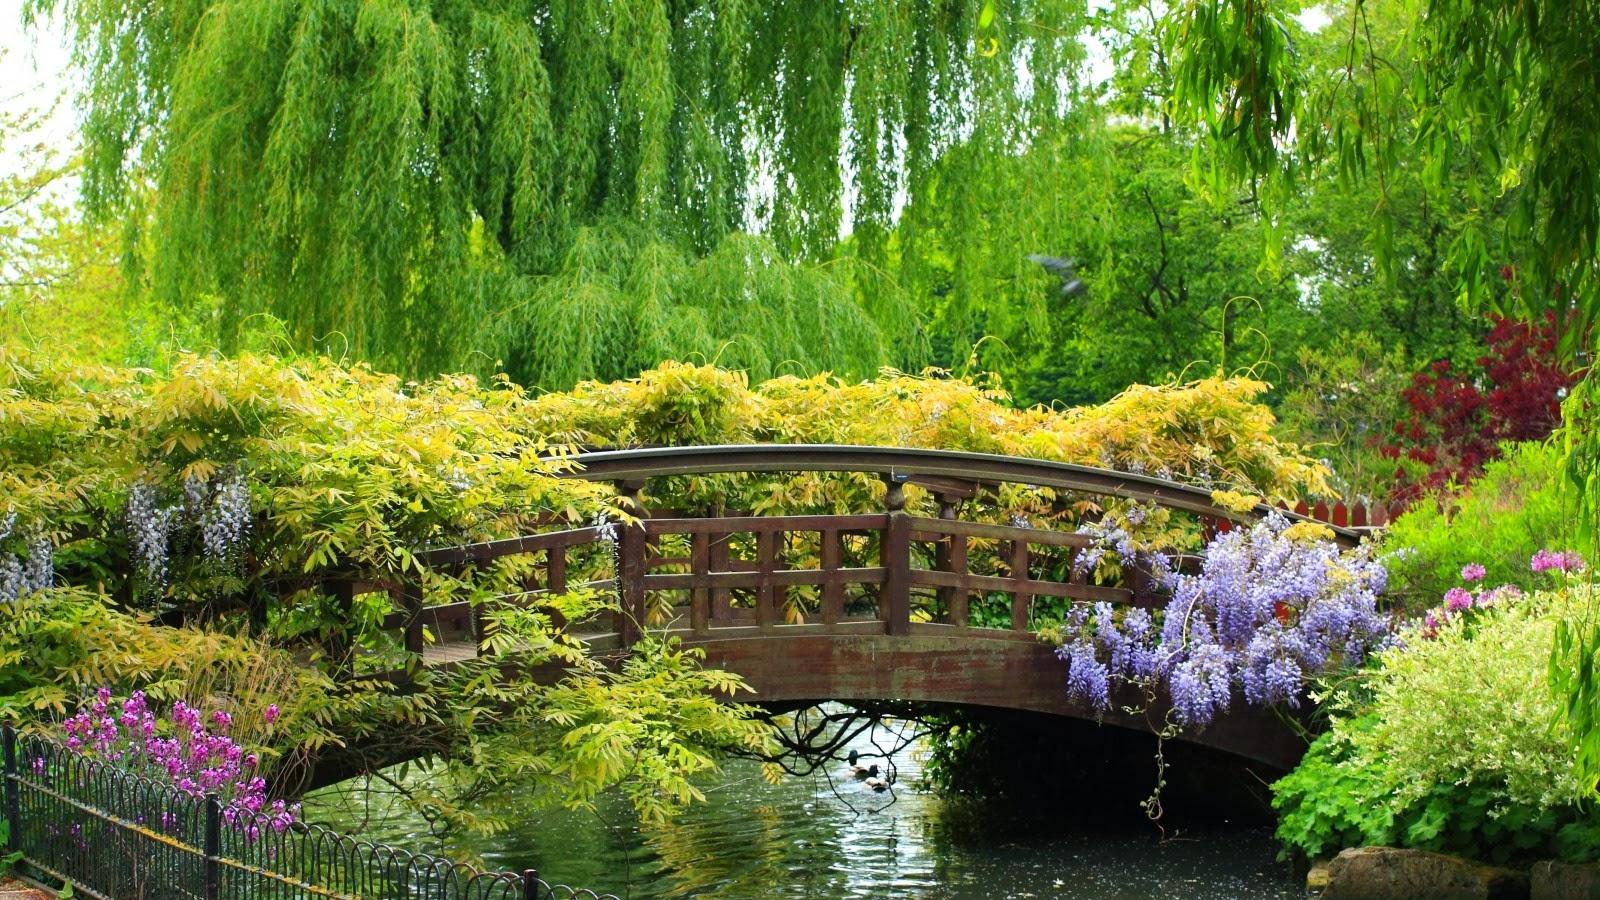 بالصور صور فصل الربيع , اجمل الفصول هو فصل تفتح الزهور 4779 5